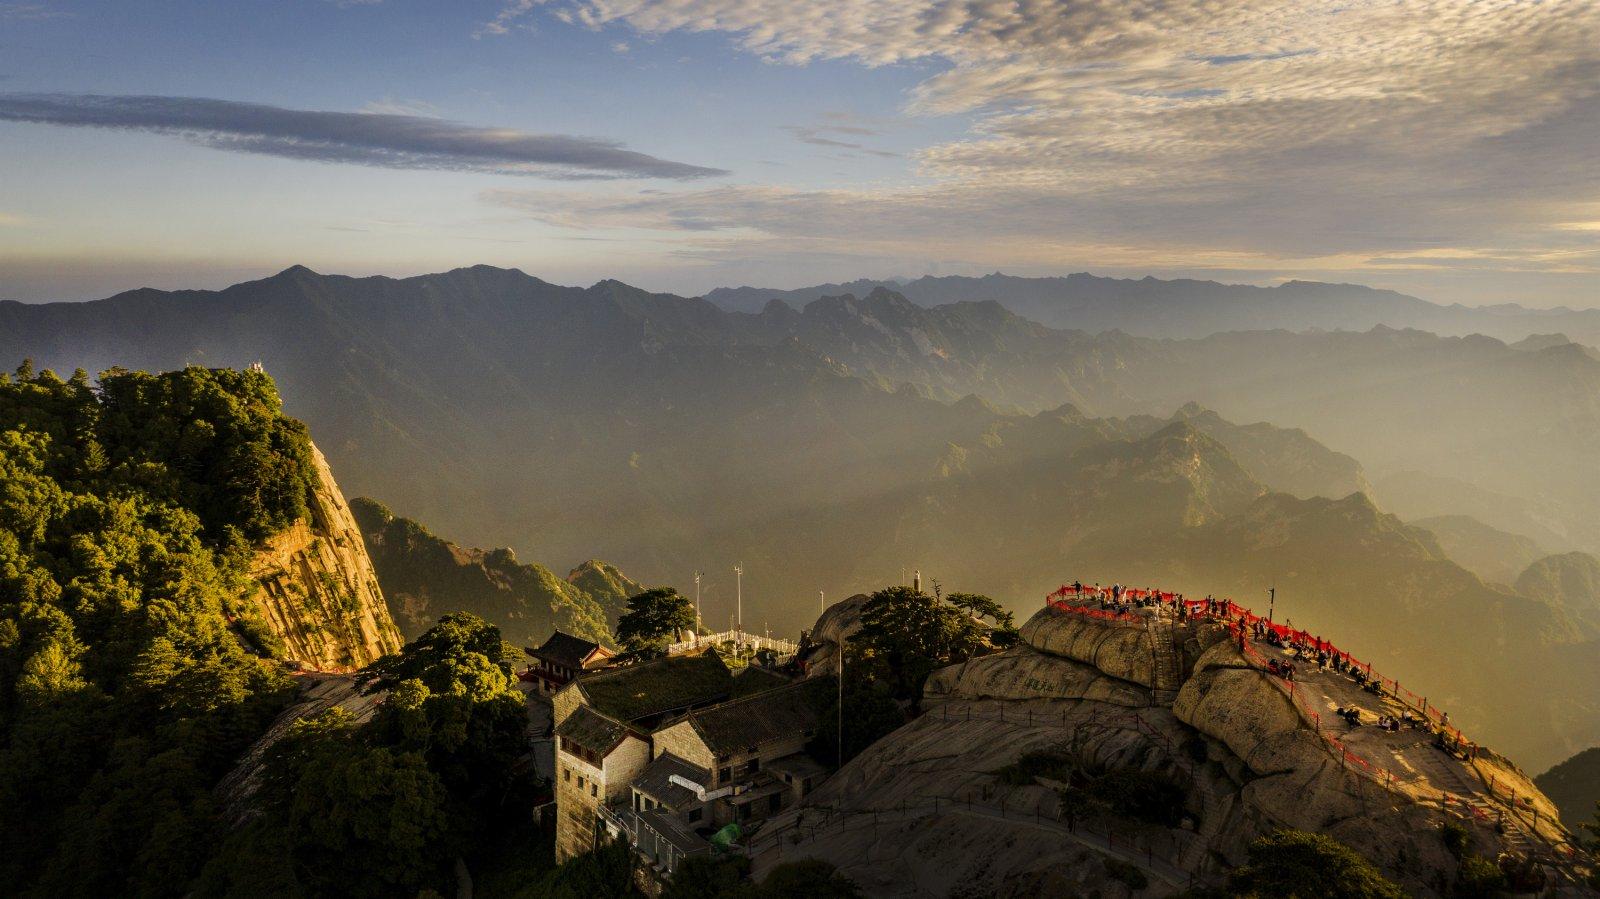 6月19日,遊人在華山西峰觀賞夕陽(無人機照片)。(新華社)